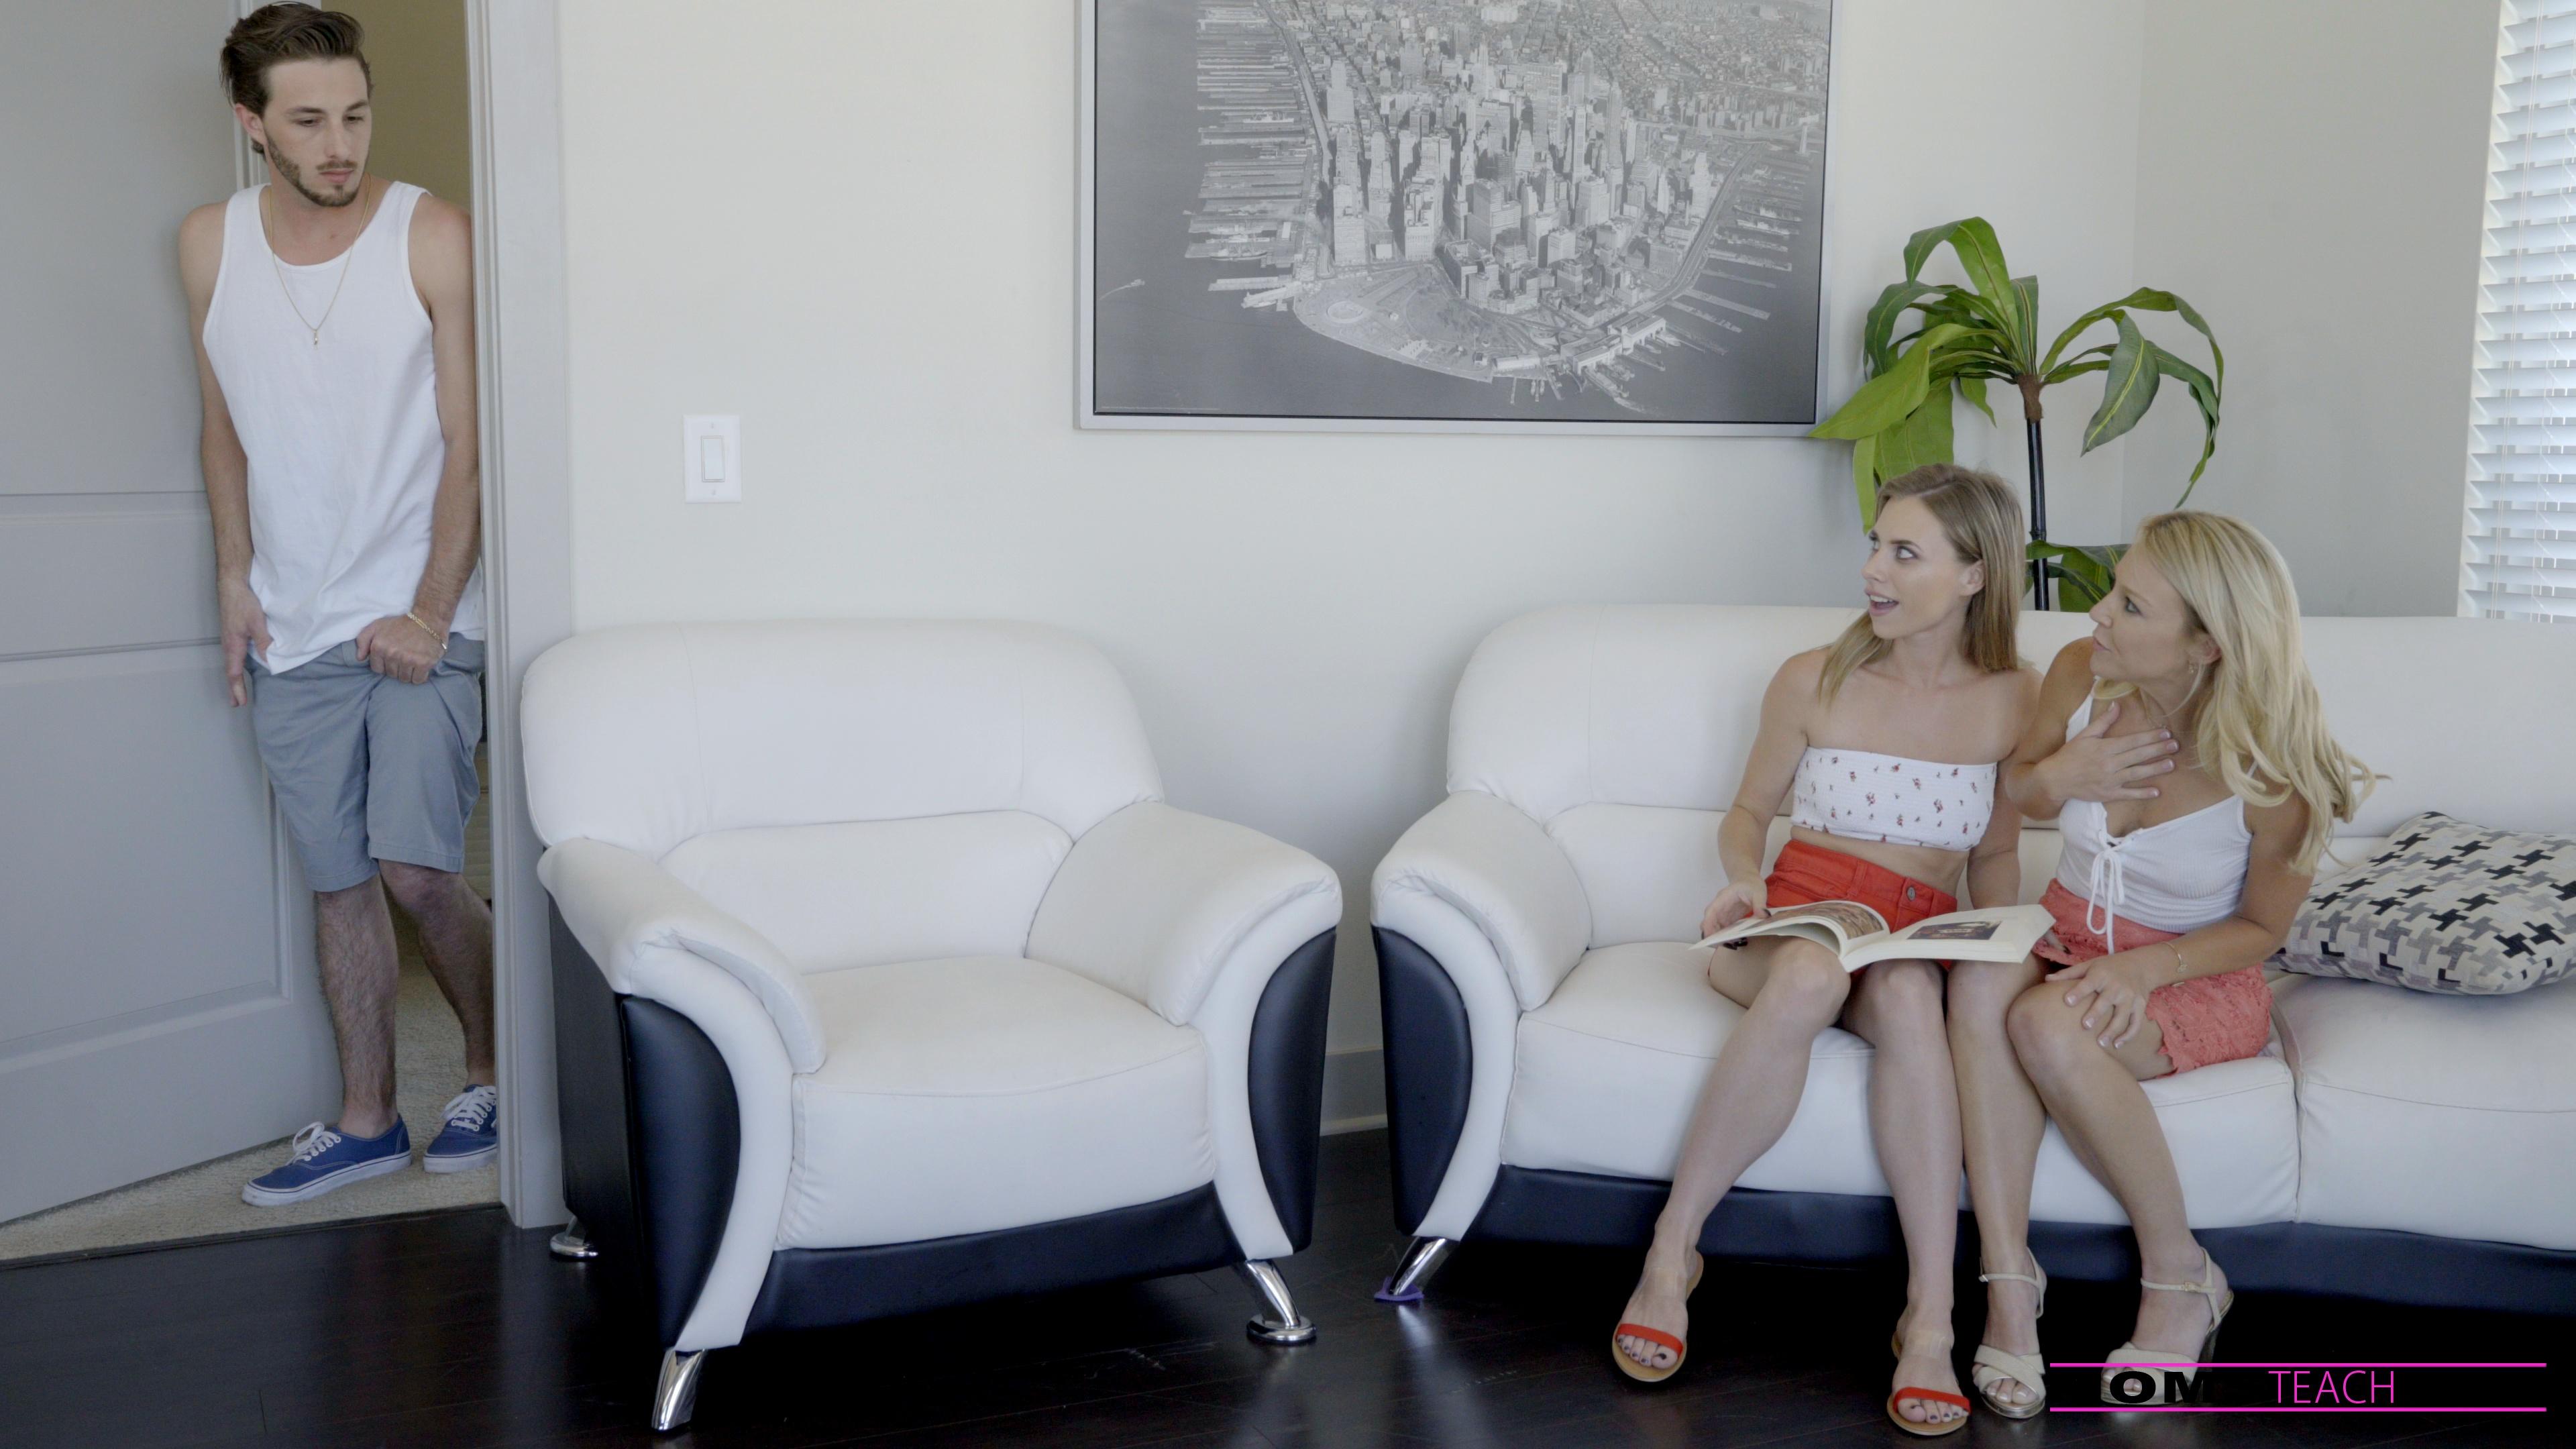 Videos sex tube nake teens playing